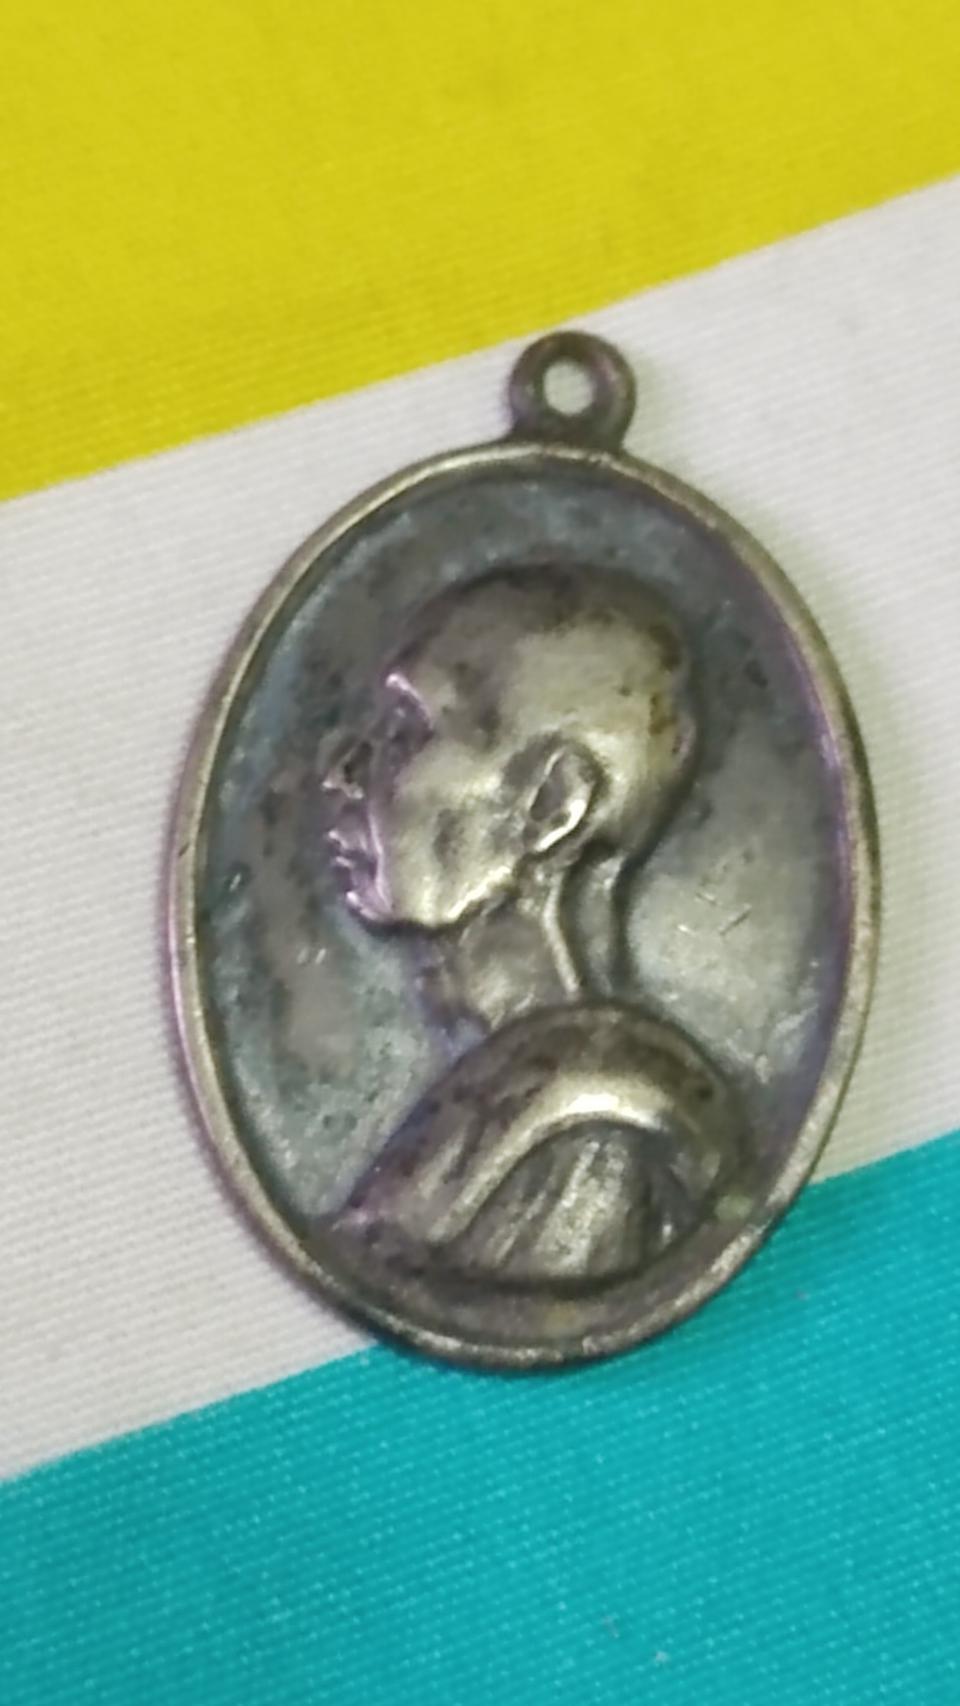 เหรียญเงินพระสังฆราชชื่น พ.ศ.2503 รูปที่ 1